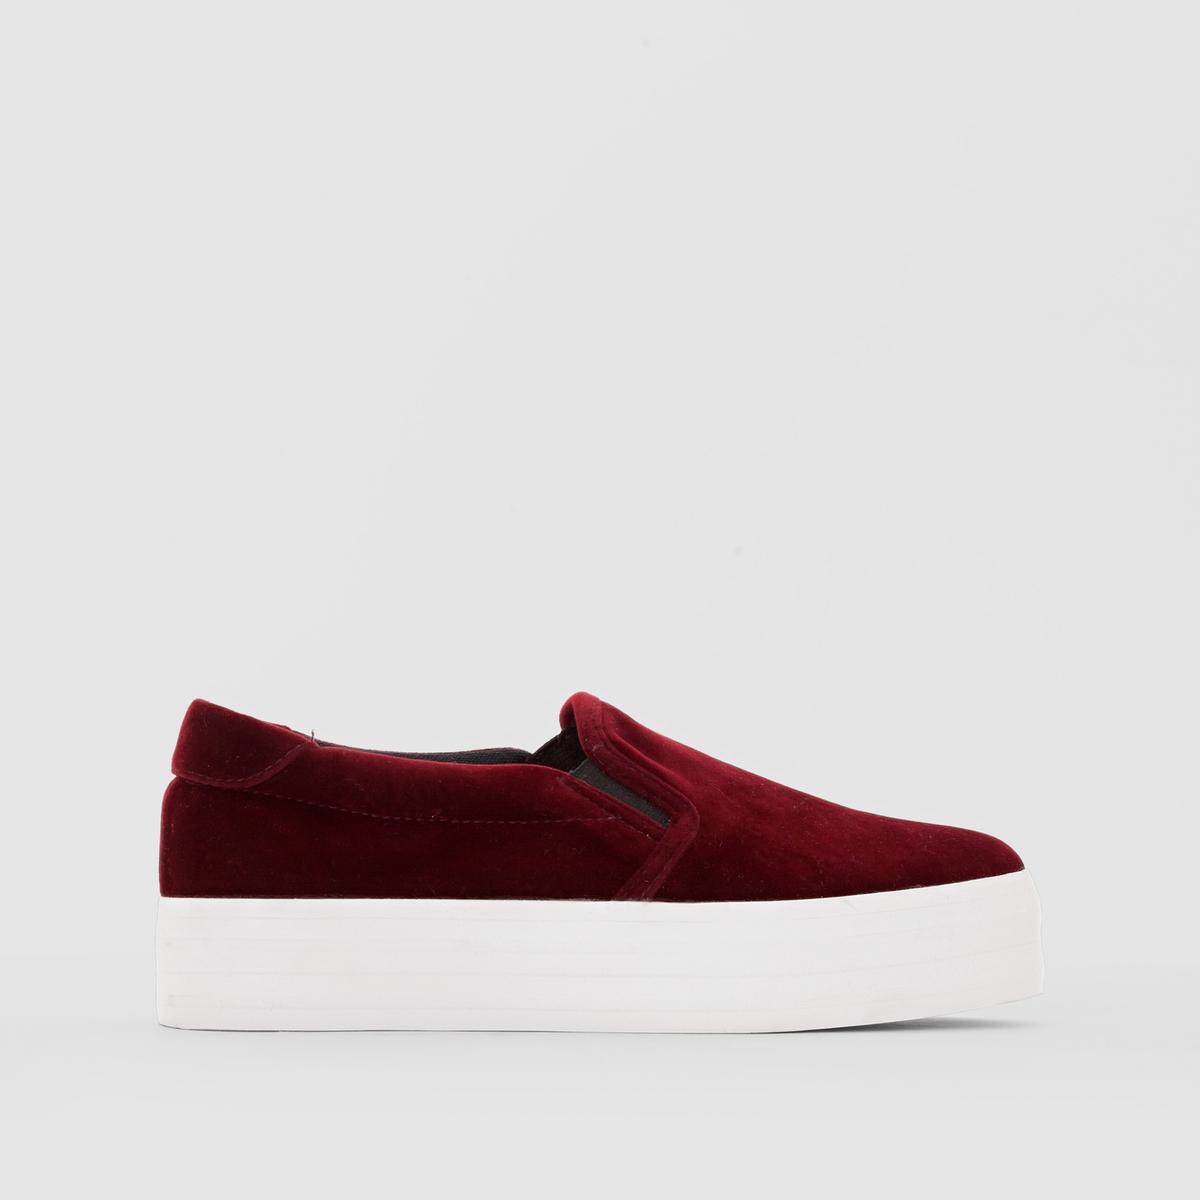 Слипоны на платформеПреимущества : низкие кеды, оригинальная платформа, удобная обувь на каждый день.<br><br>Цвет: бордовый